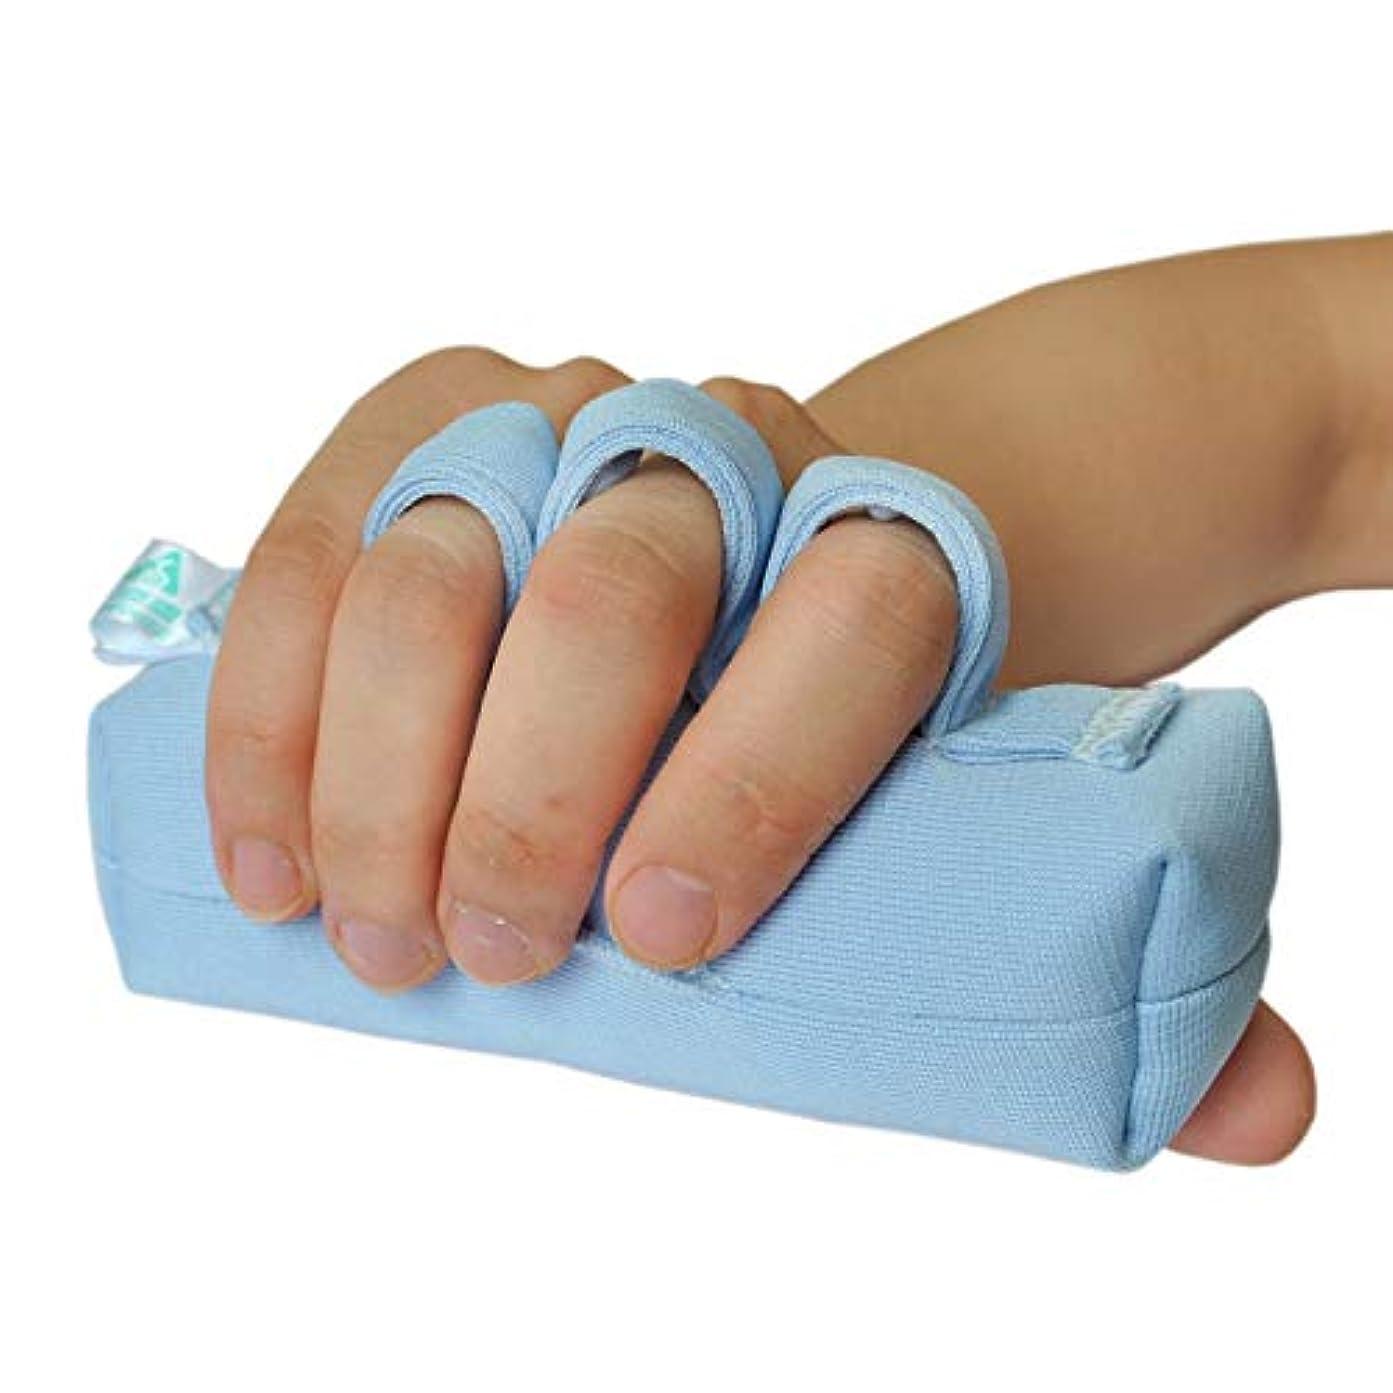 冊子ベッドを作る後継右手または左手の手のひらプロテクター、手の包帯のサポート/術後のリハビリテーション/指の挫傷パッド/手のひらの指の分割バー/高齢者介護/涙防止ハンドスティック